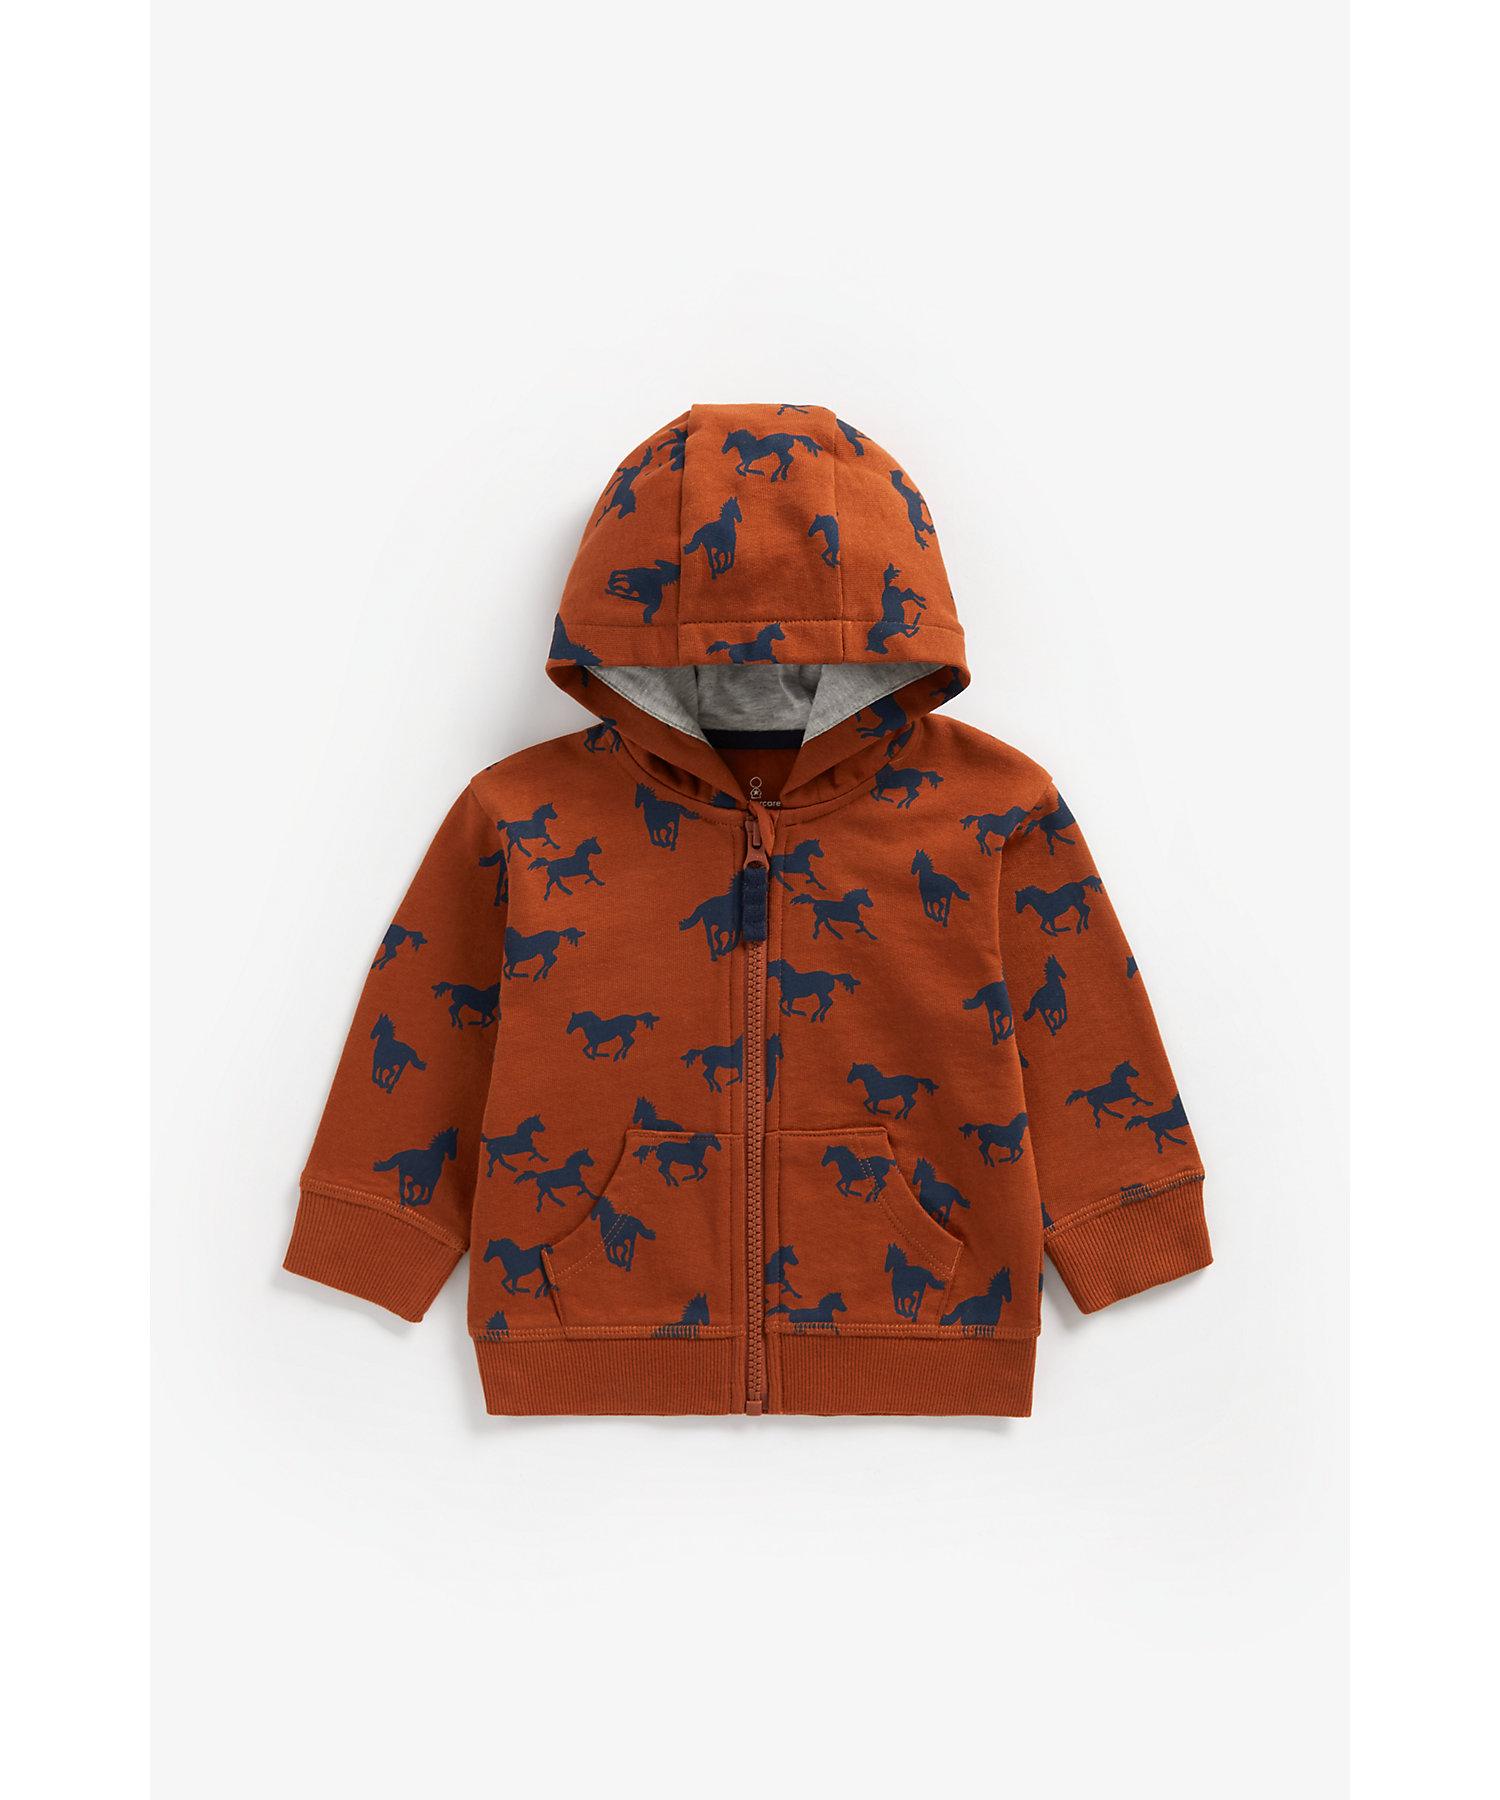 Mothercare   Boys Full Sleeves Hooded Sweatshirt Horse Print - Brown